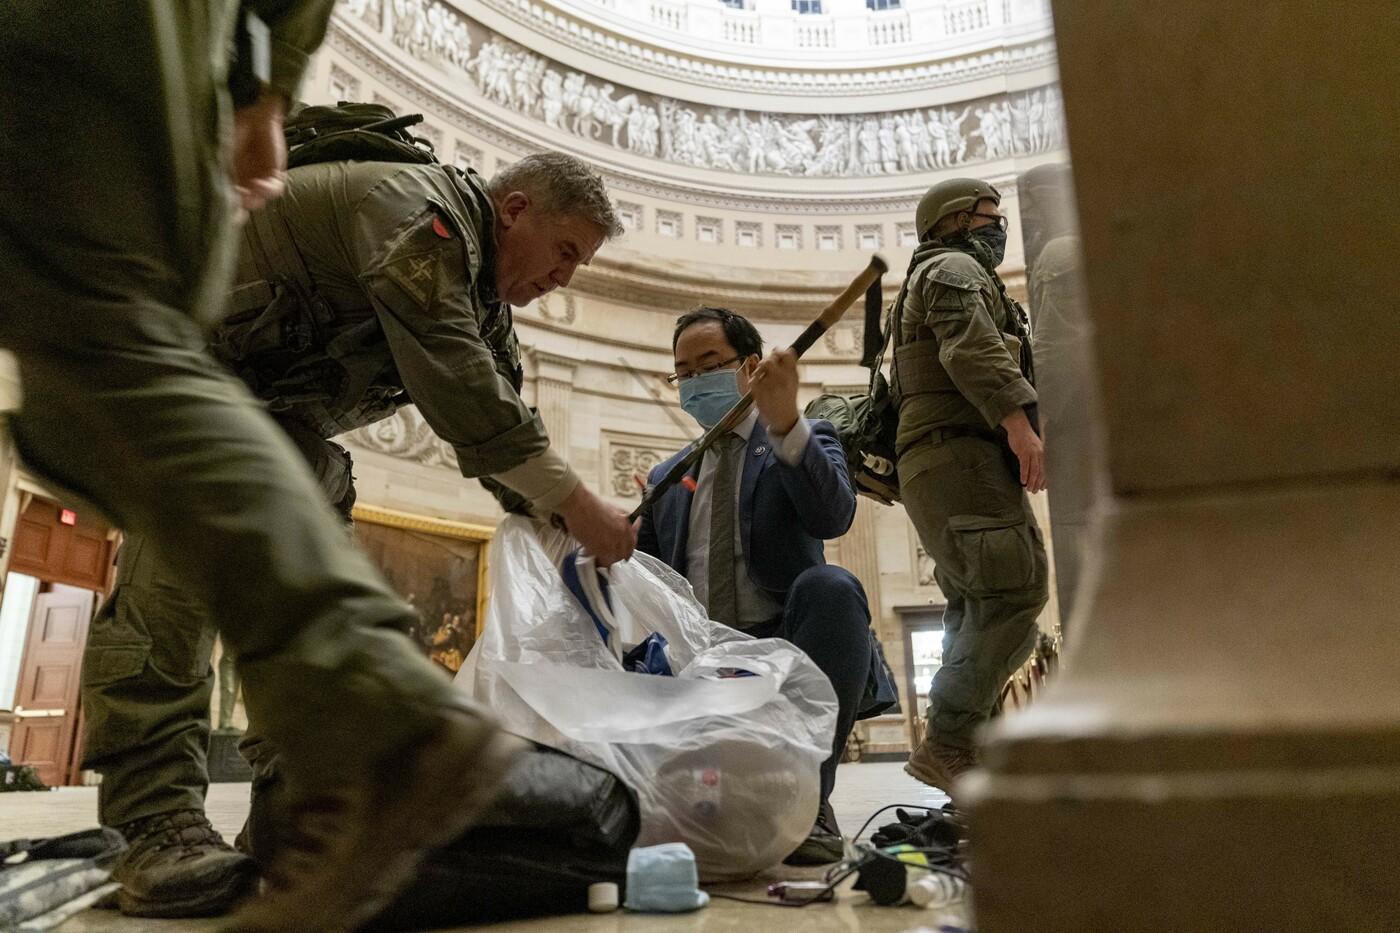 Usa, le immagini dell'assalto al Congresso dei sostenitori di Trump